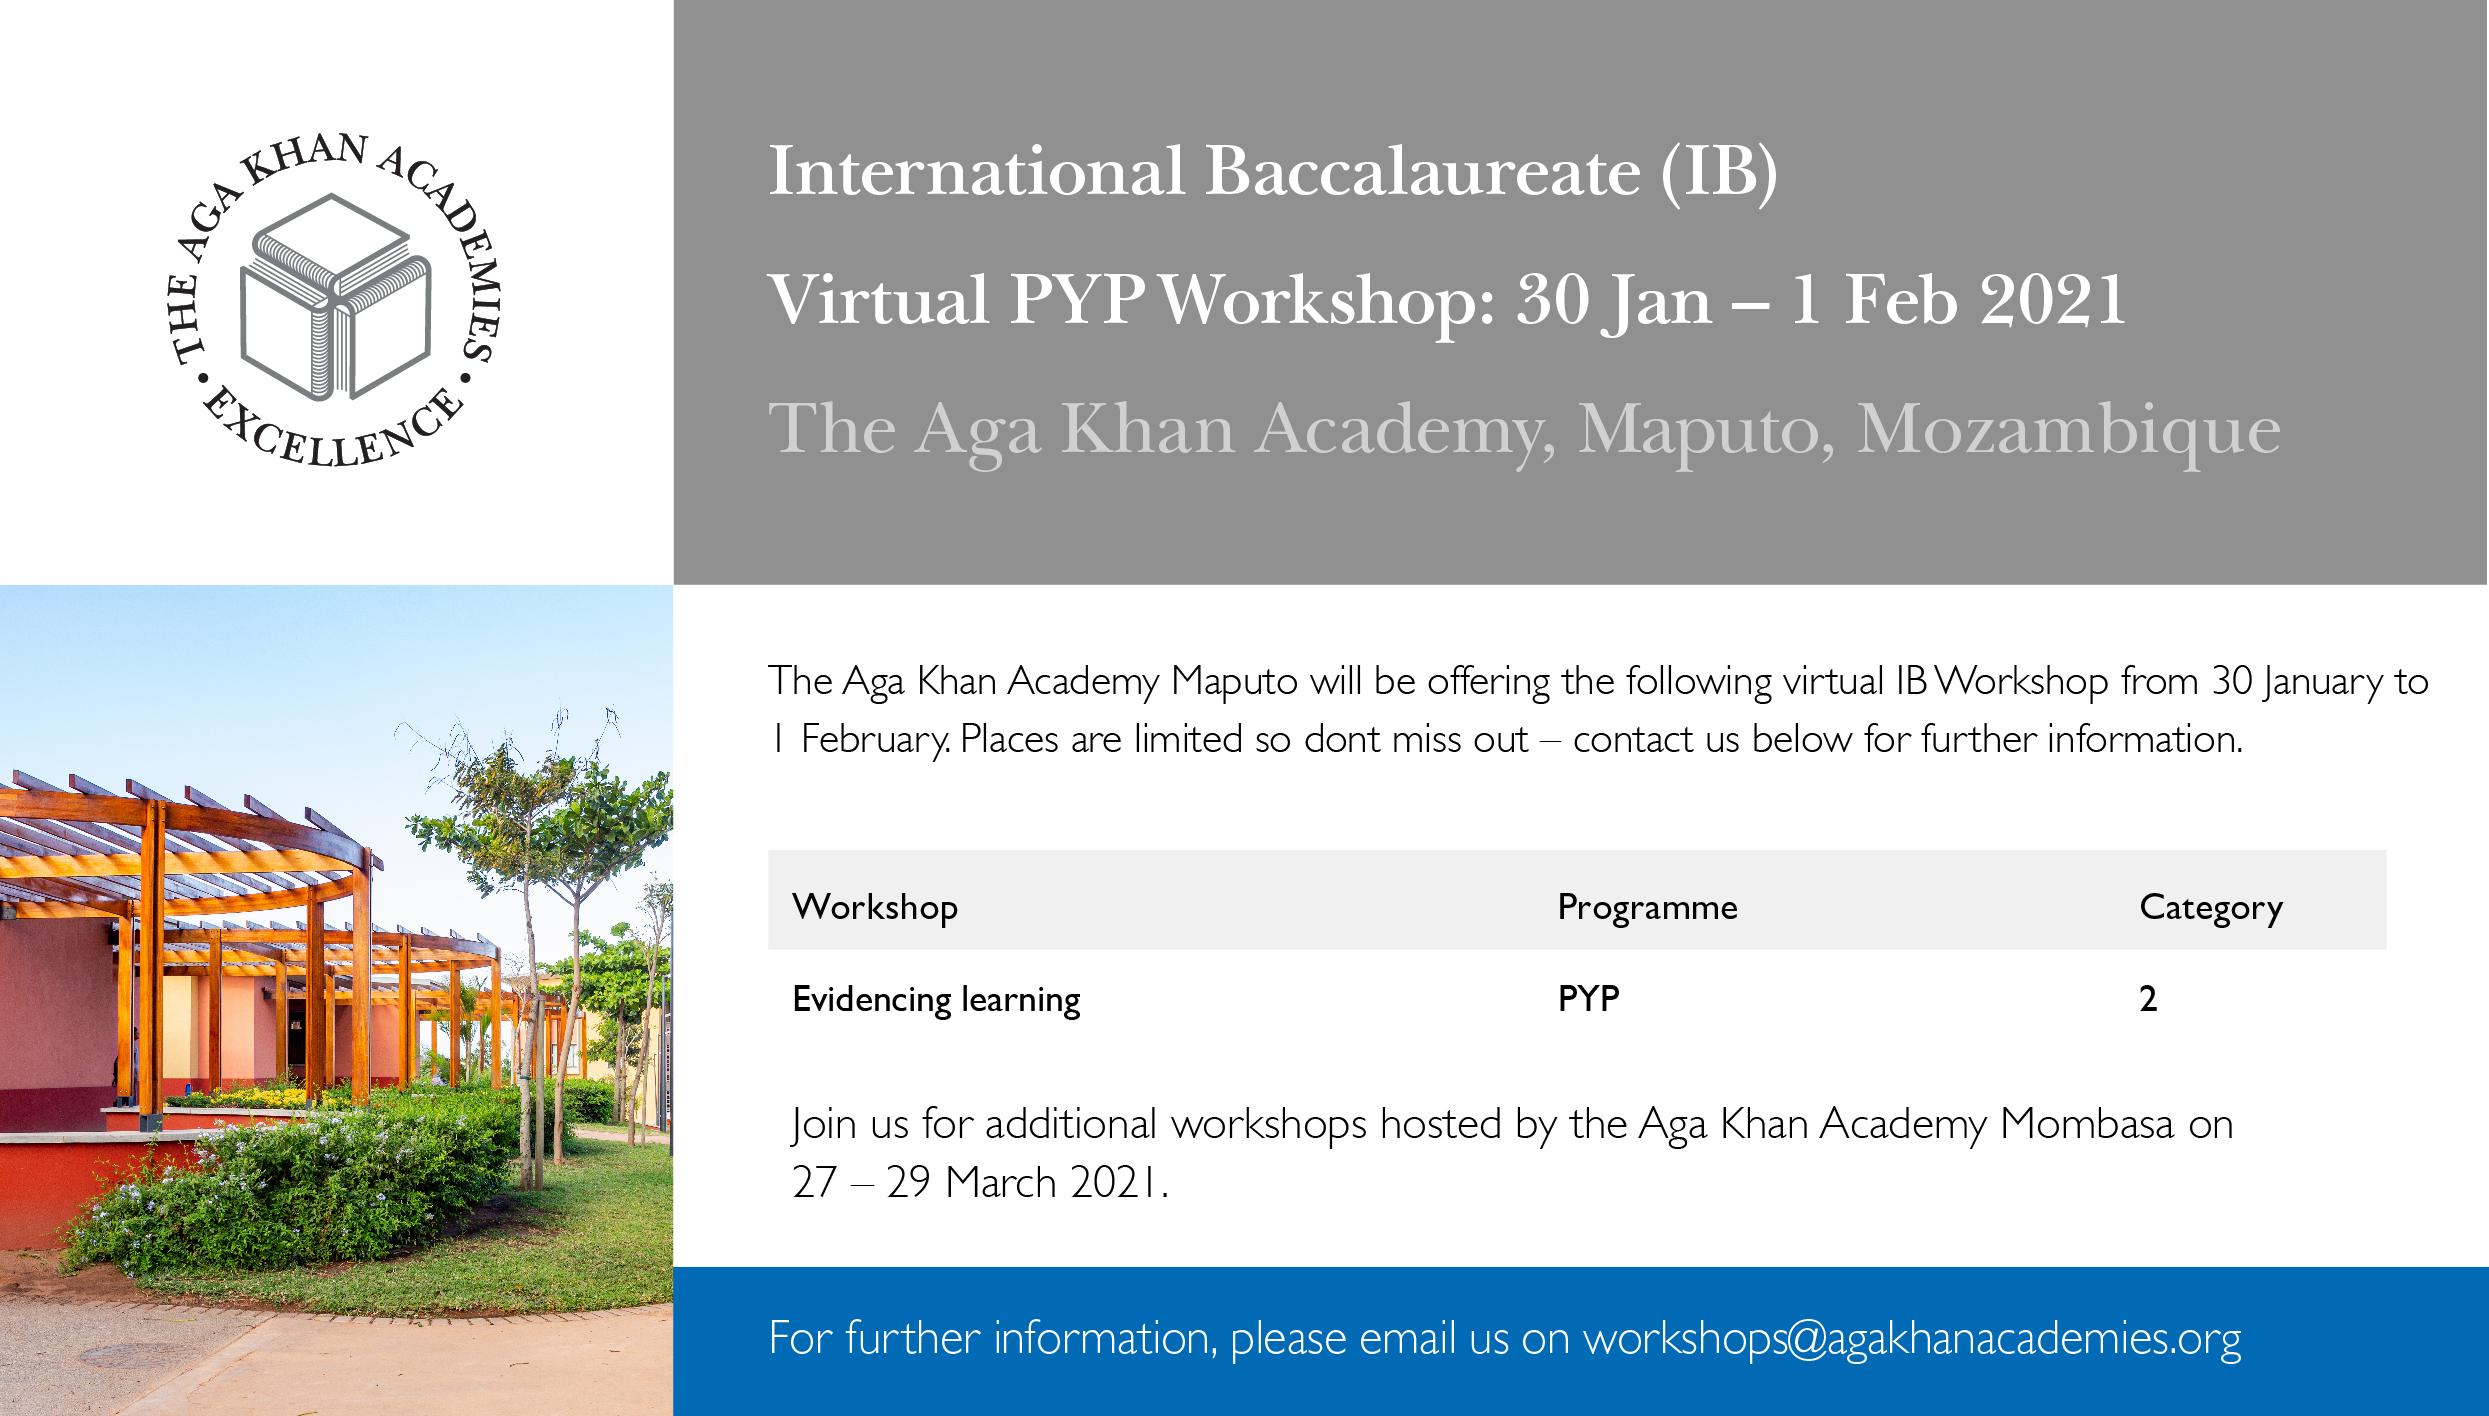 AKA Maputo virtual IB workshop flier